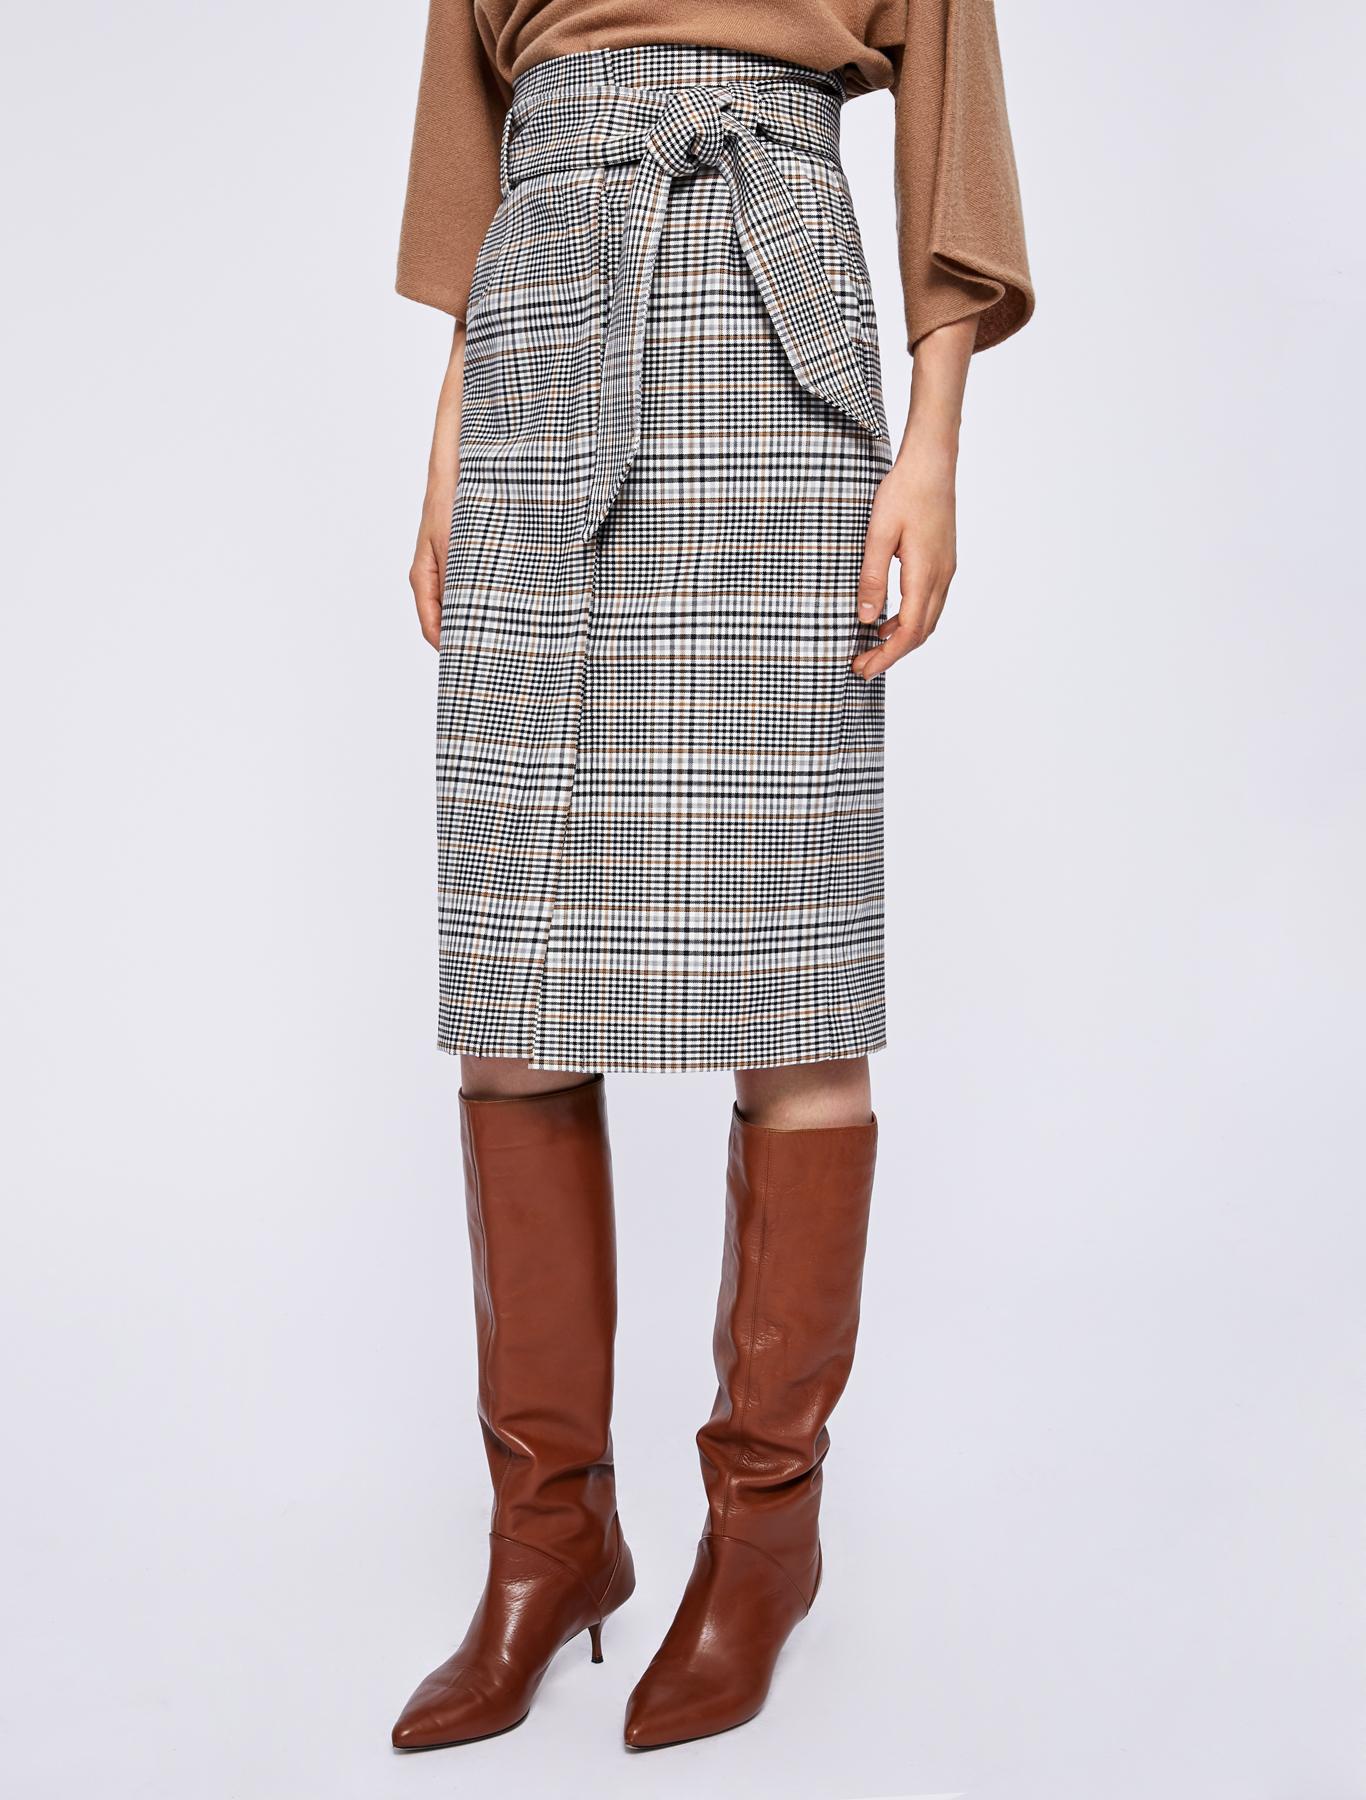 prezzo più basso 57de1 5484e Prince of Wales checked skirt, ecru - Marella